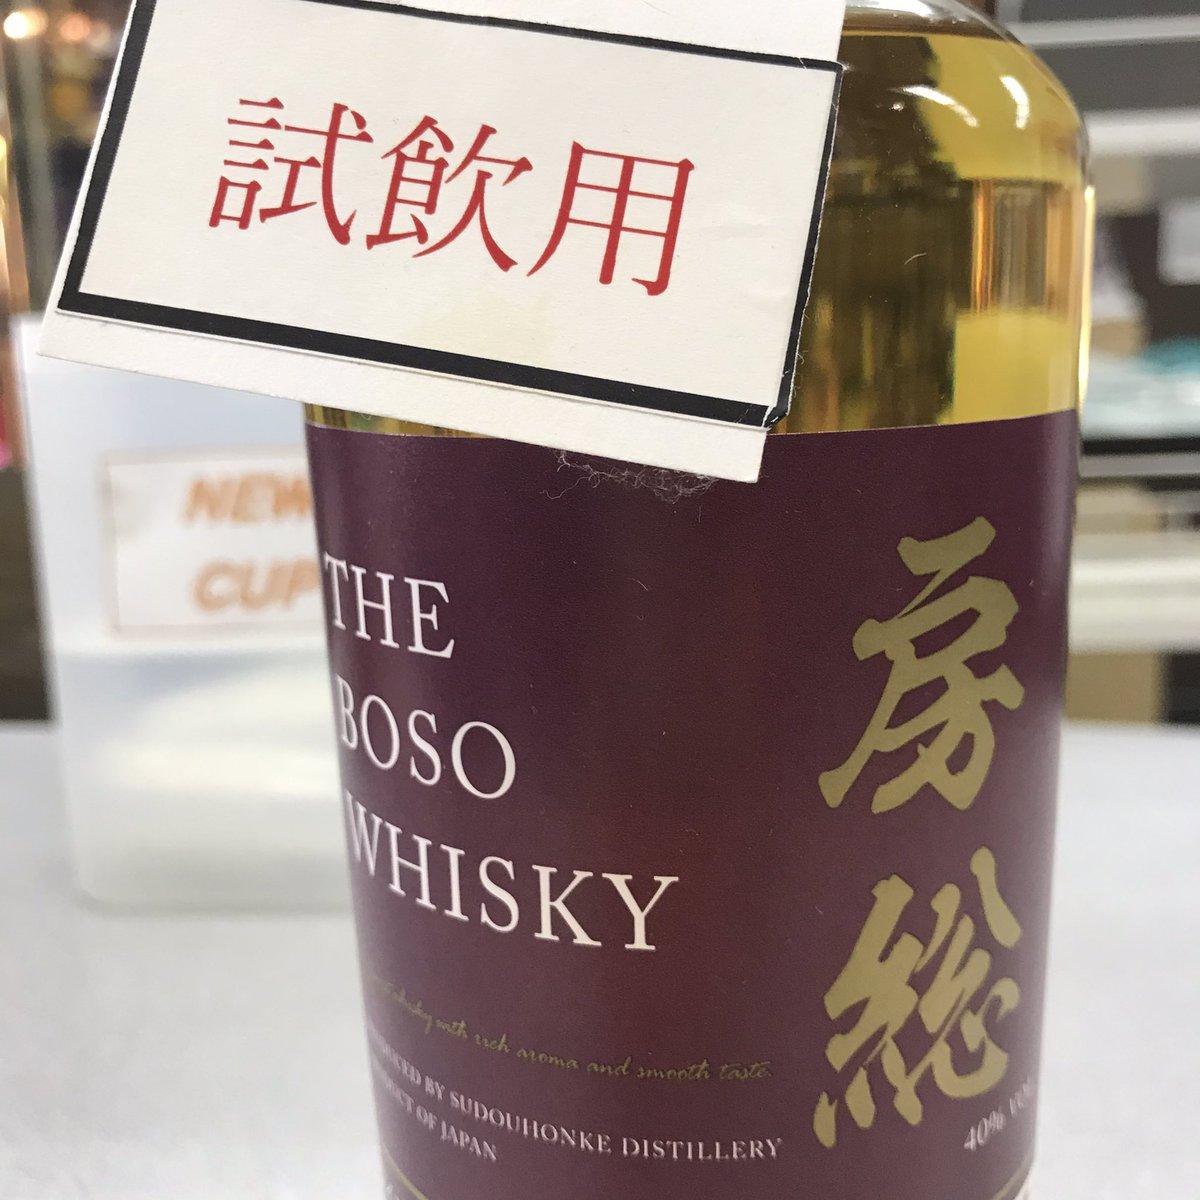 test ツイッターメディア - 房総ウイスキー本日封を開けます。どうぞ試飲しに来てください😊 千葉県君津市の須藤本家さんで造られた千葉初のウイスキーです。 天皇誕生日につき本日だけ2,200円を2,100円で販売します。試飲だけOKです😃 https://t.co/WDV9kGKPCw